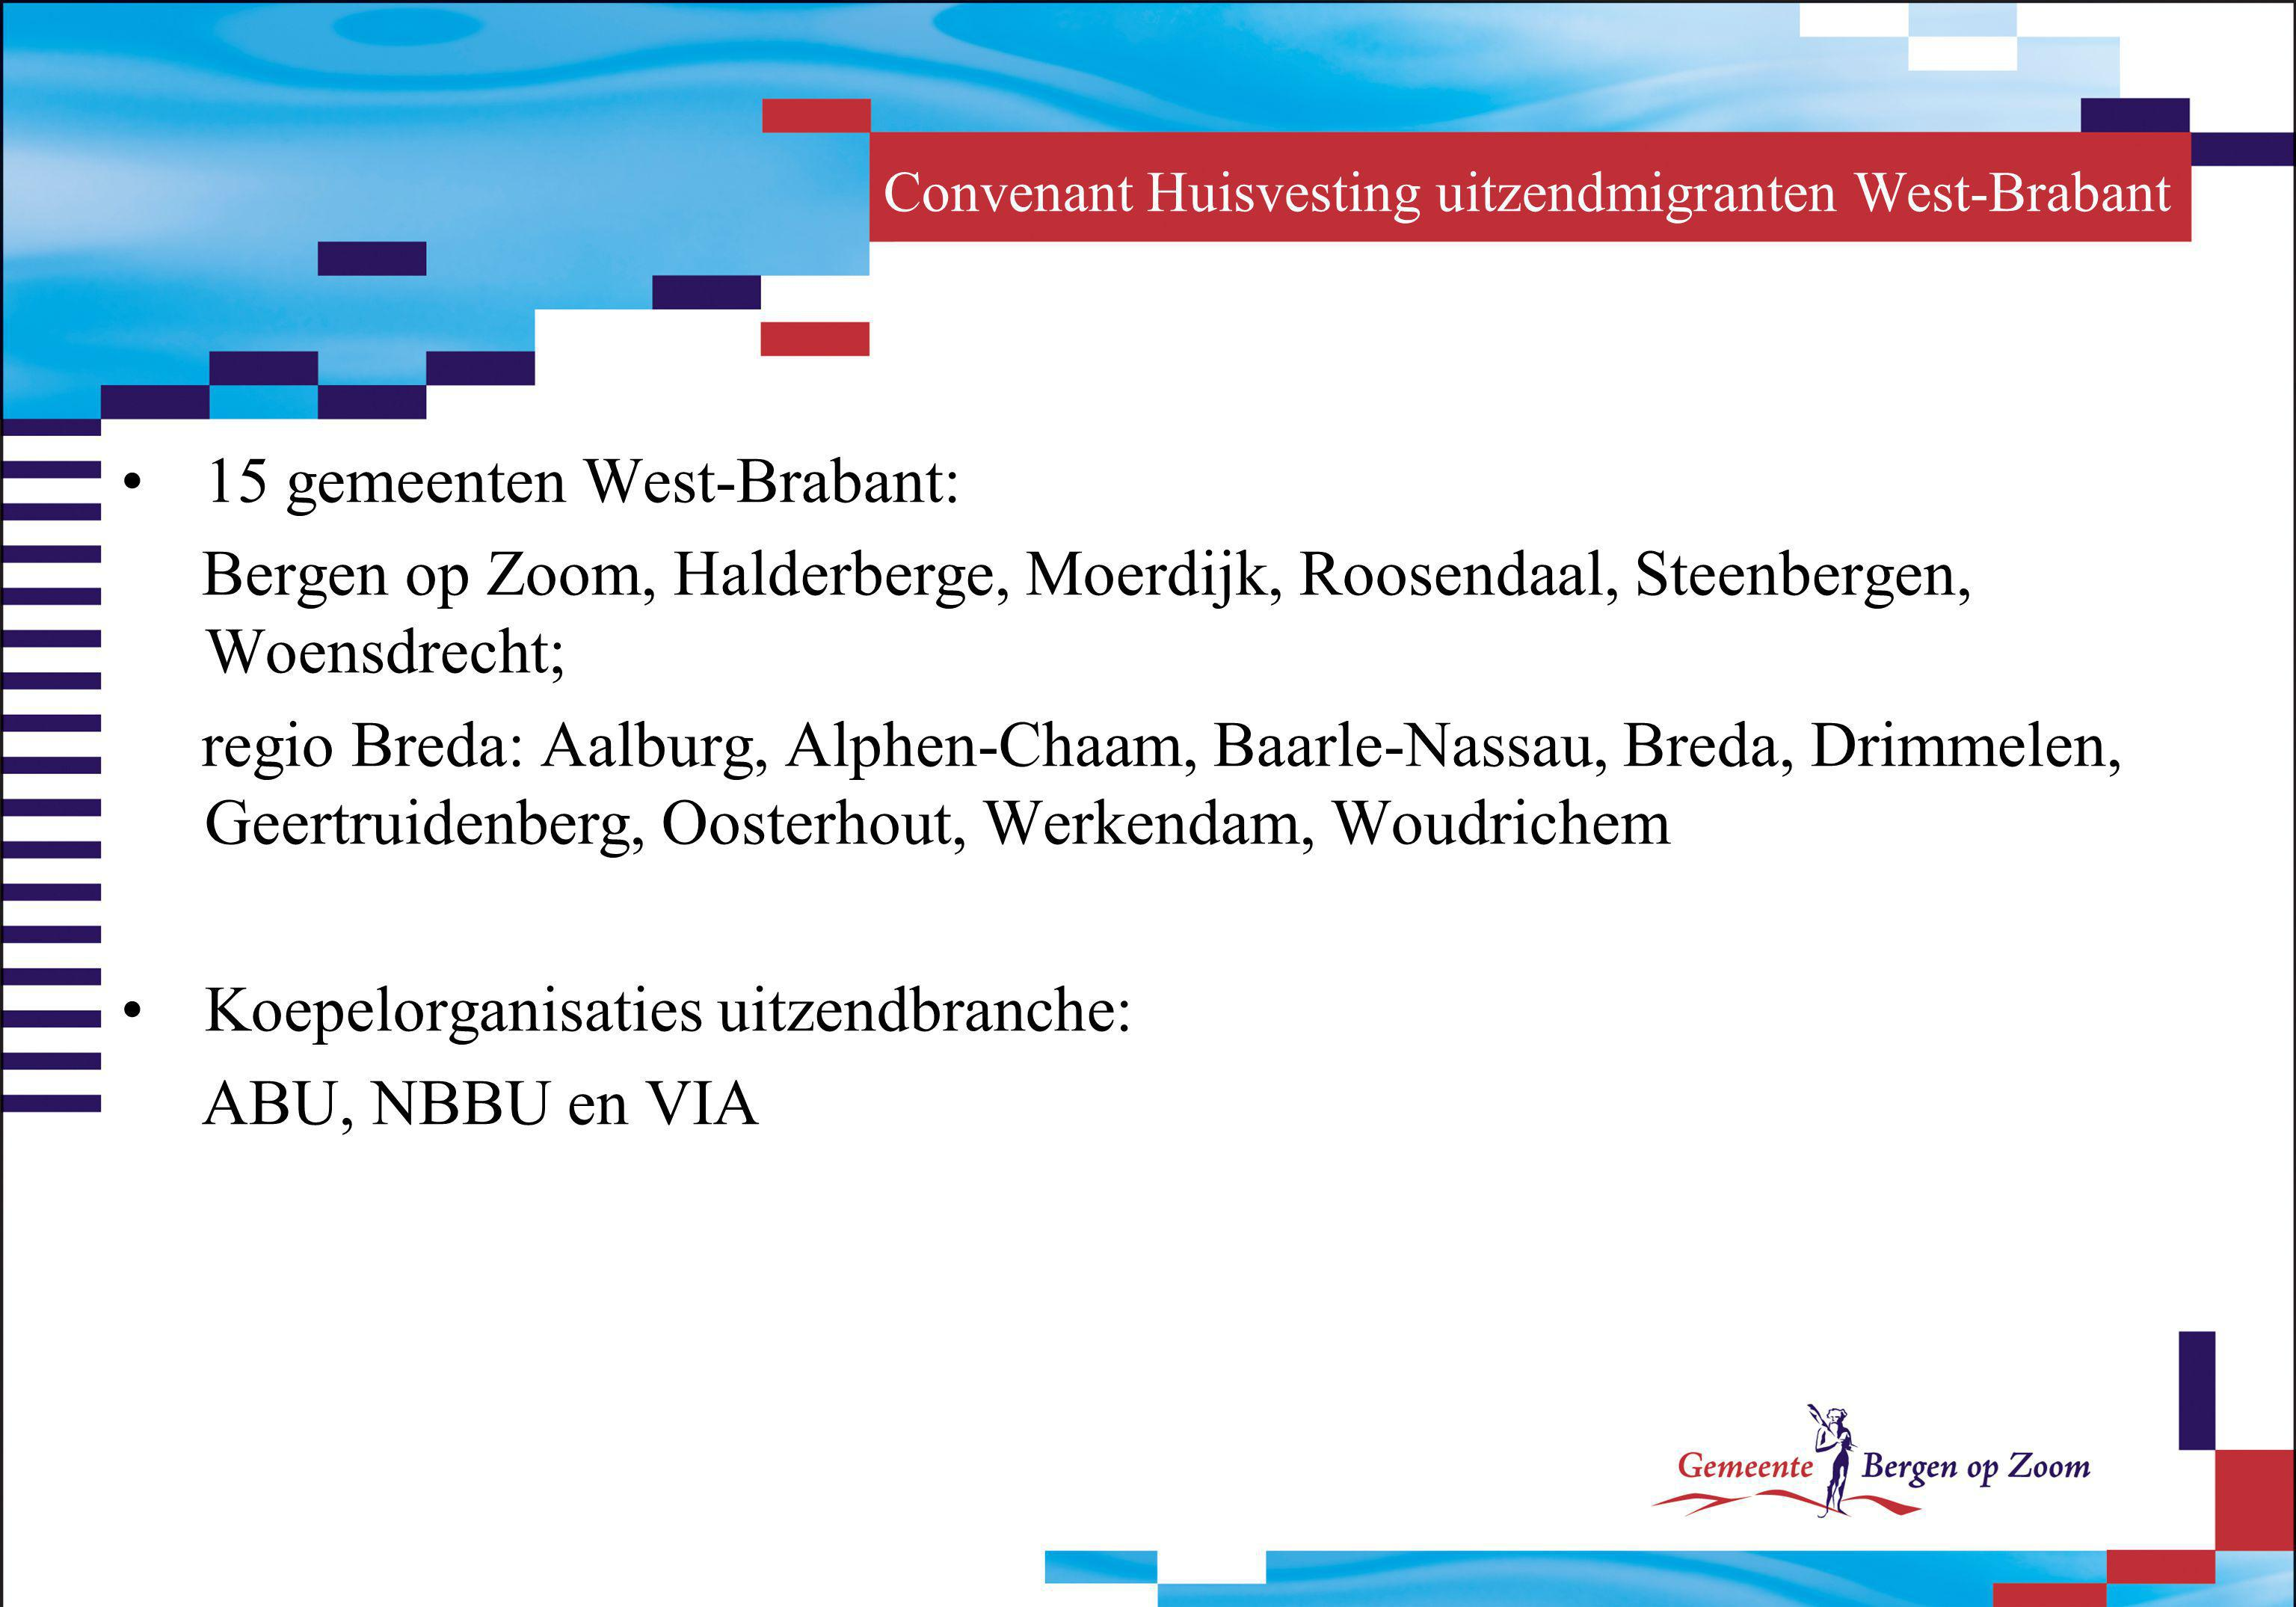 Convenant Huisvesting uitzendmigranten West-Brabant